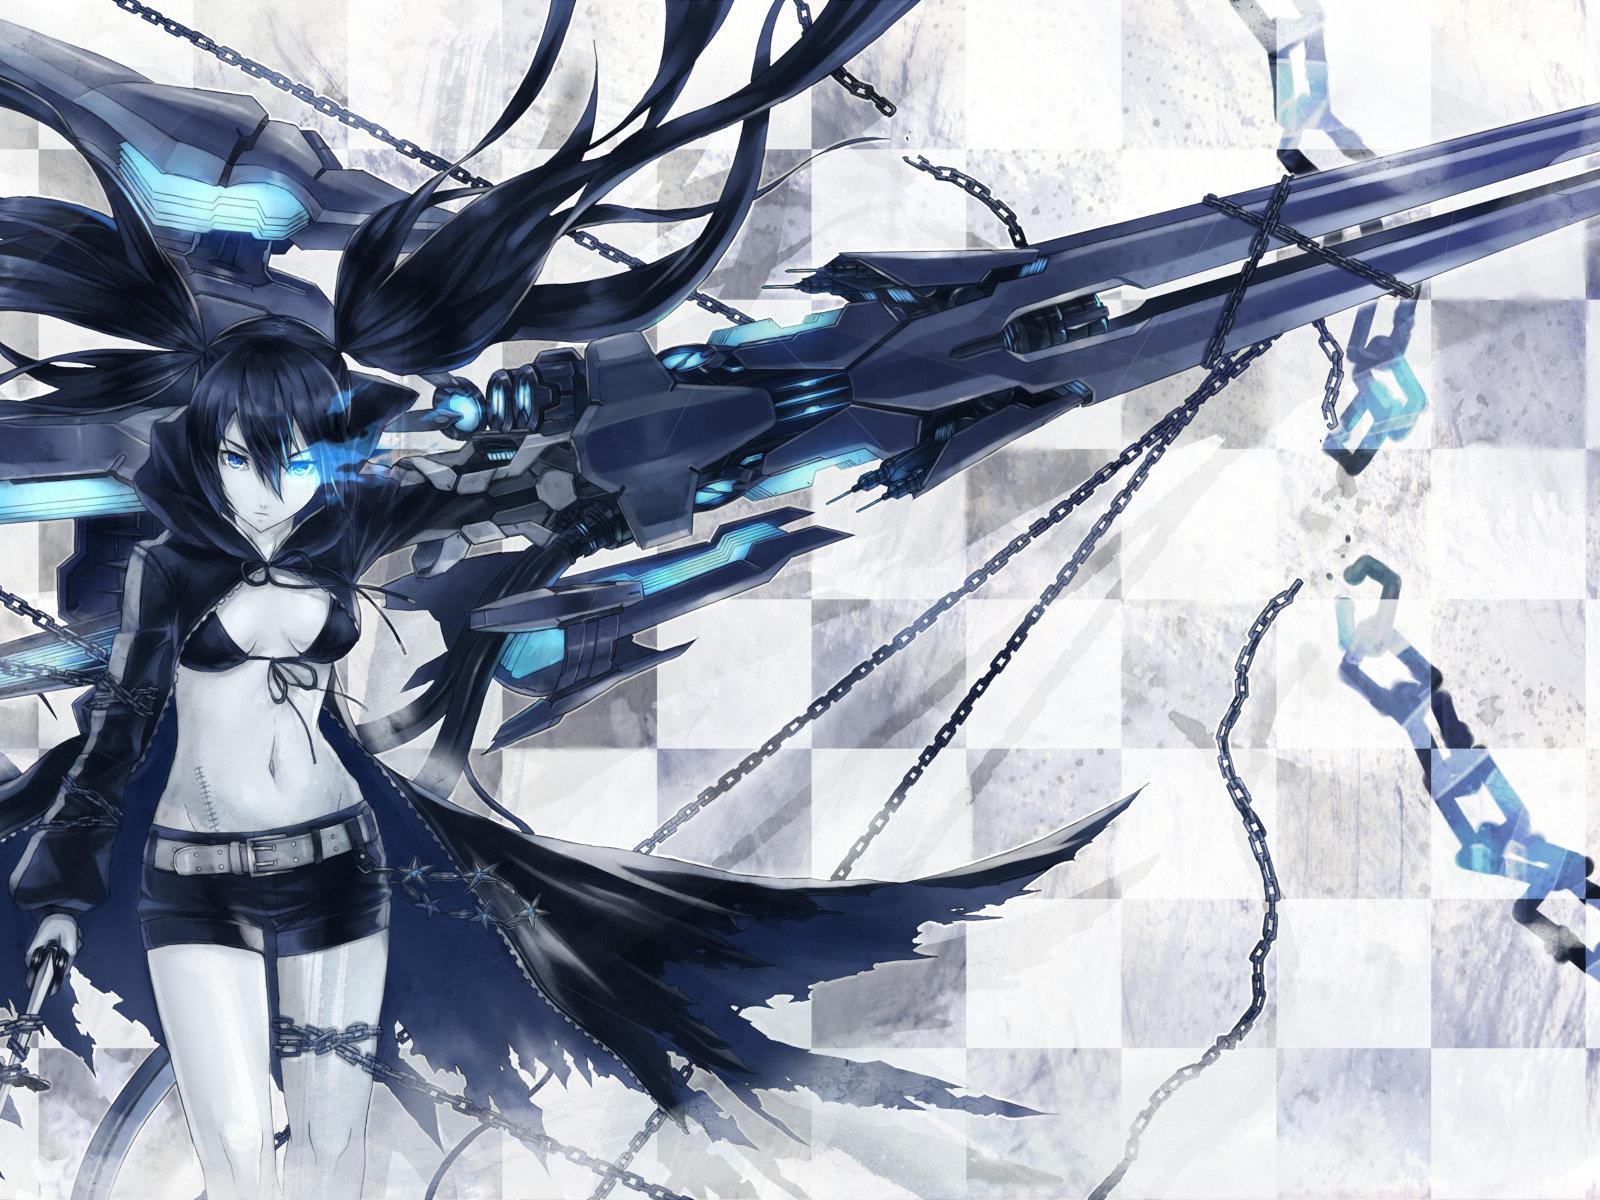 Girl with sword desktop wallpapers 1600x1200 - Girl with sword wallpaper ...